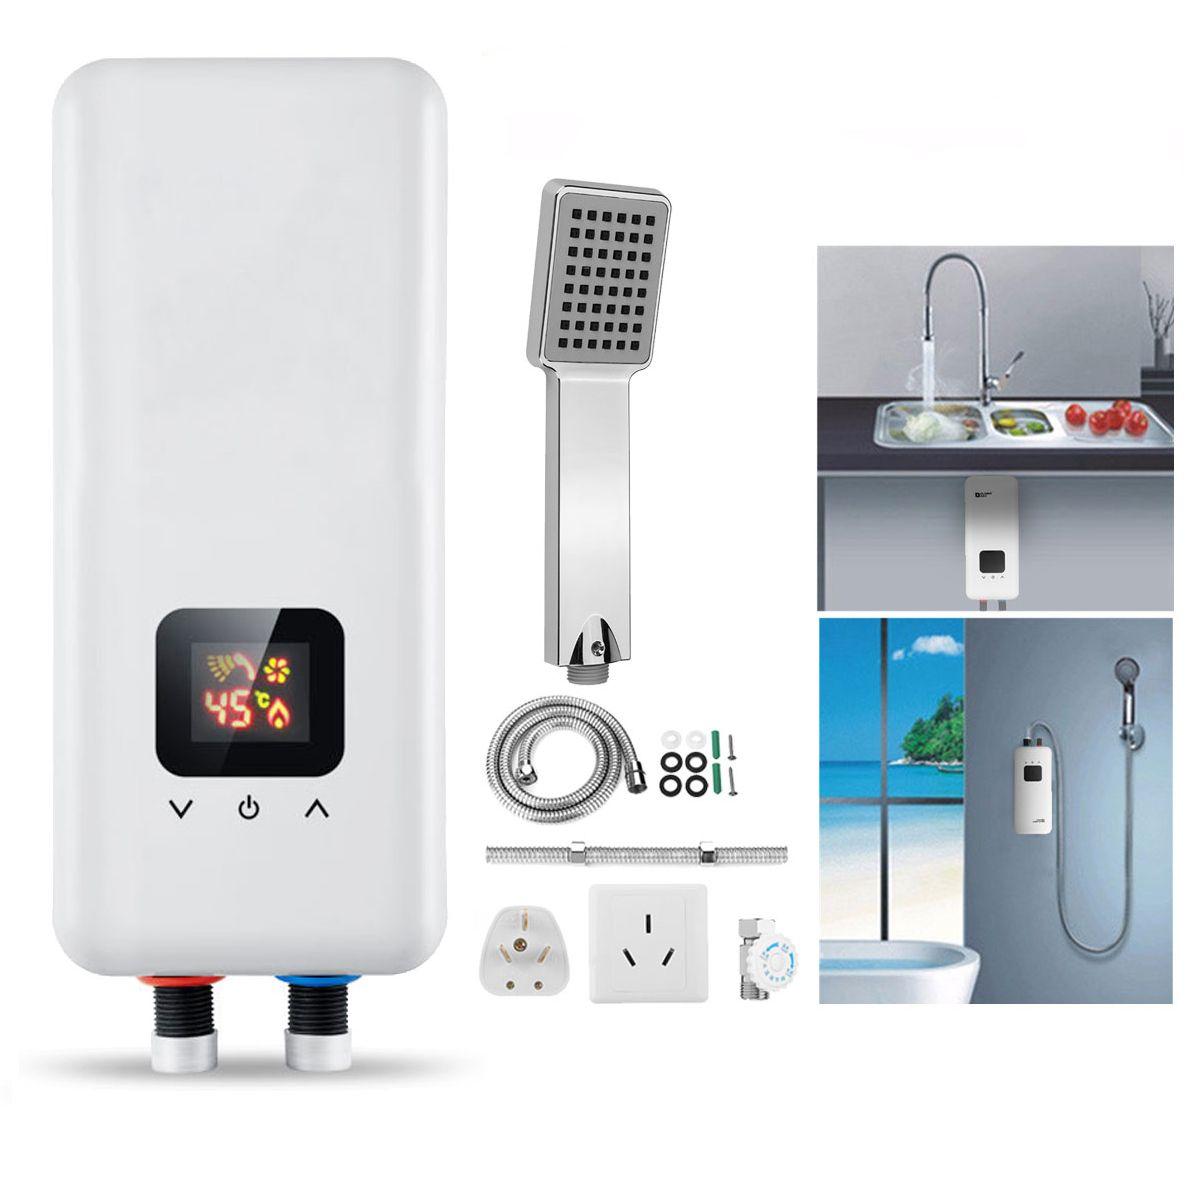 Calentadores Para Cuartos De Bano.Pin On Maquina Del Calentador De Agua